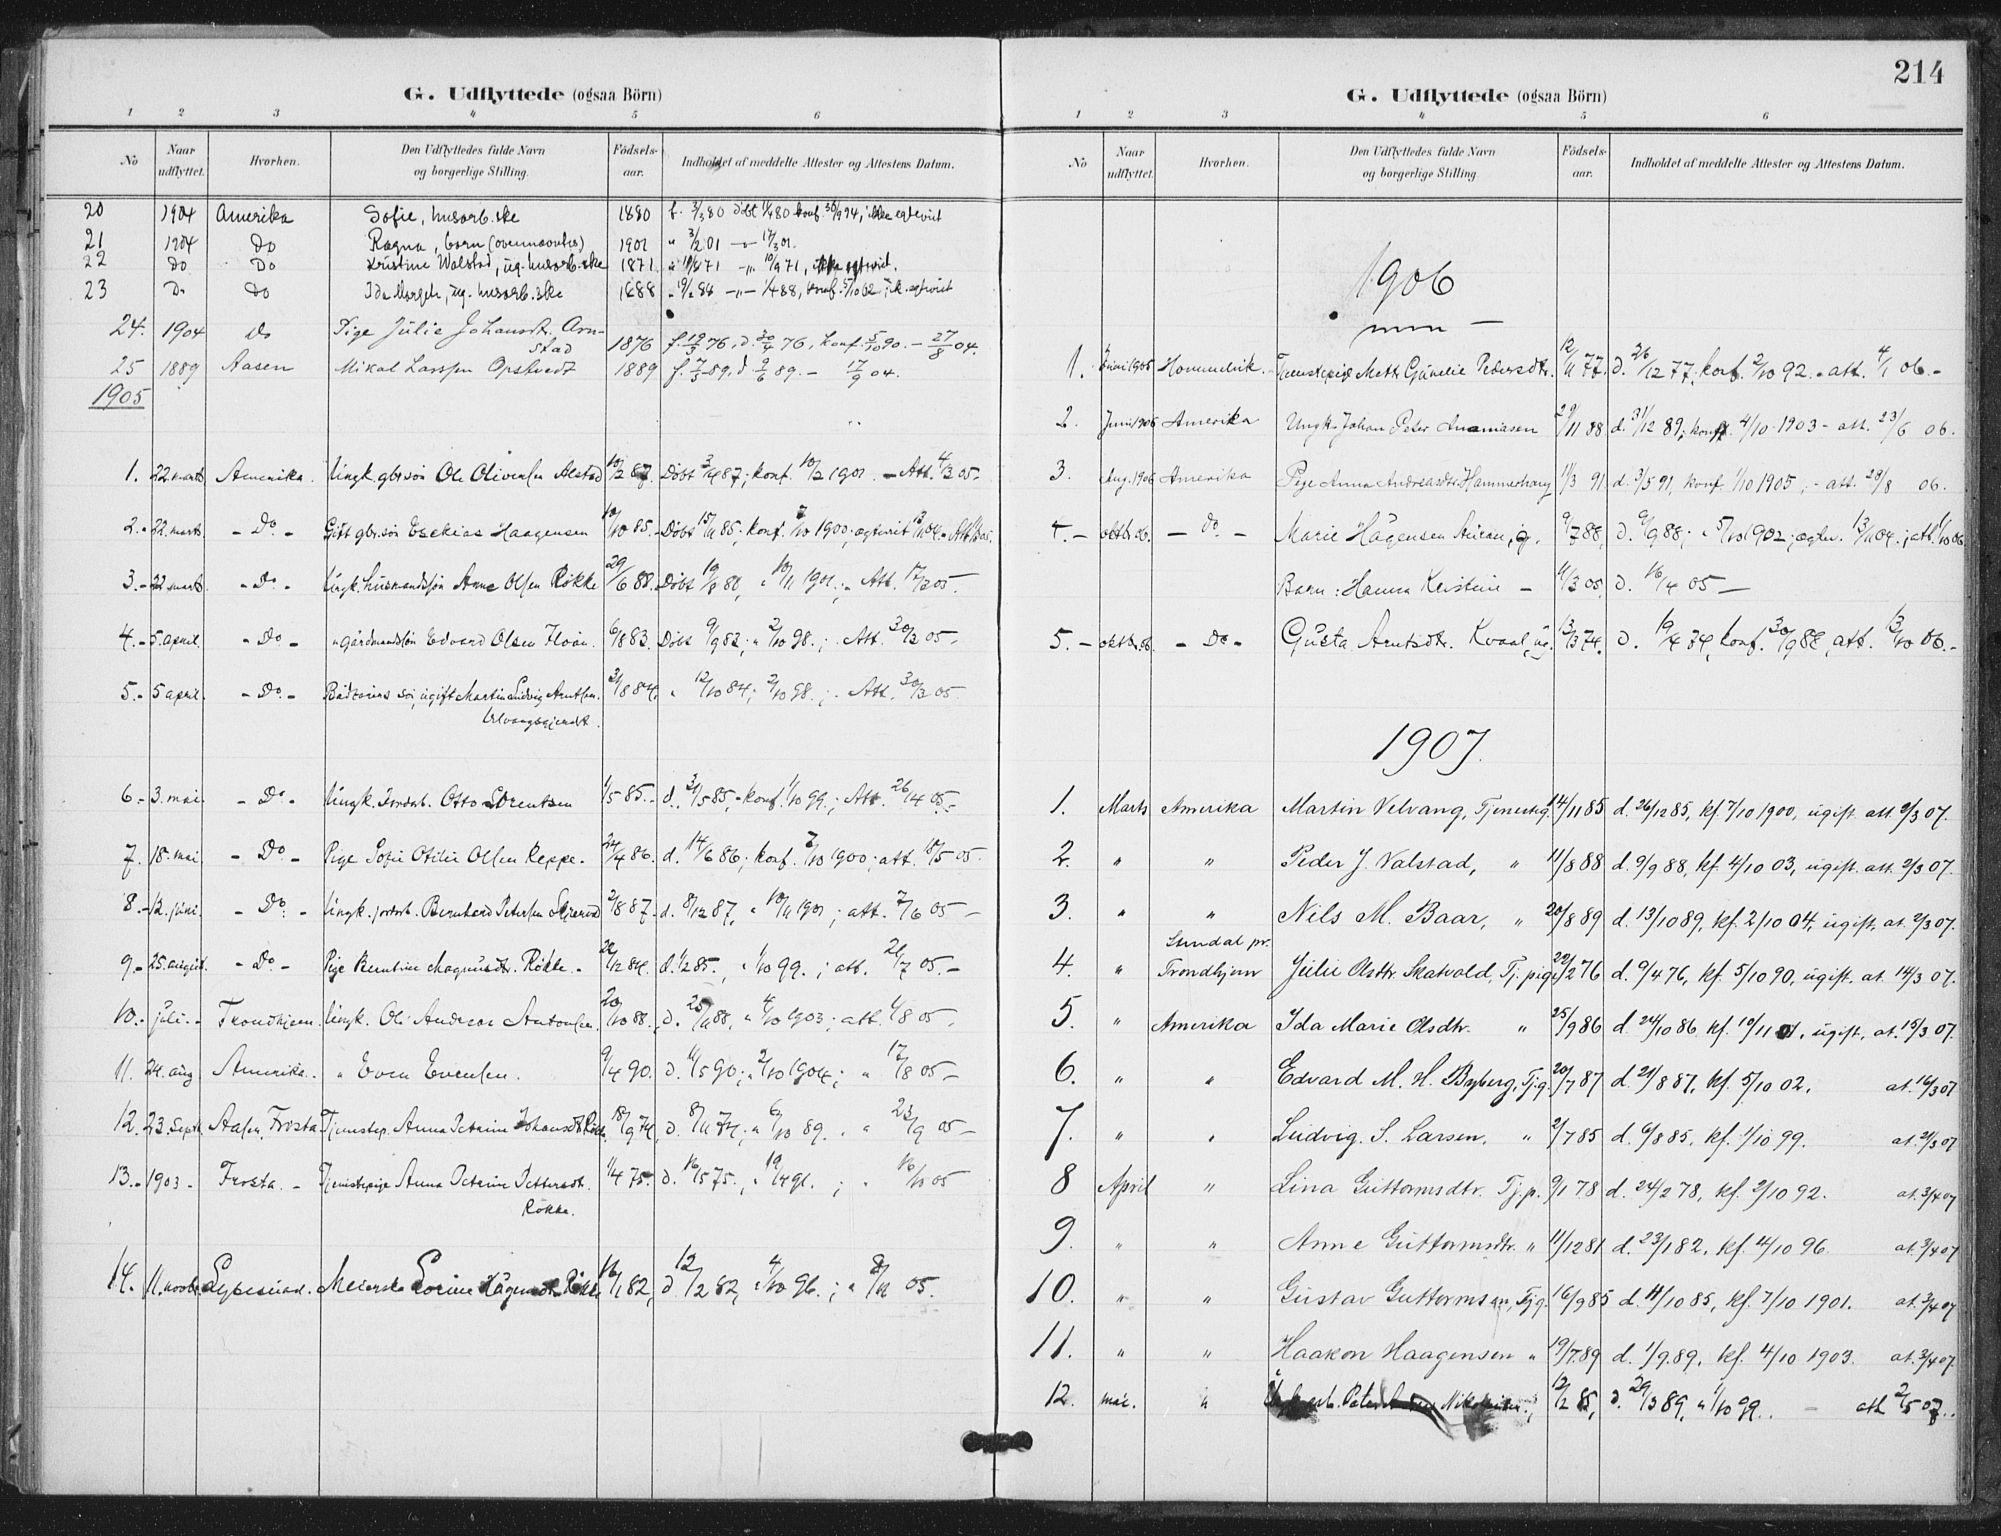 SAT, Ministerialprotokoller, klokkerbøker og fødselsregistre - Nord-Trøndelag, 712/L0101: Ministerialbok nr. 712A02, 1901-1916, s. 214